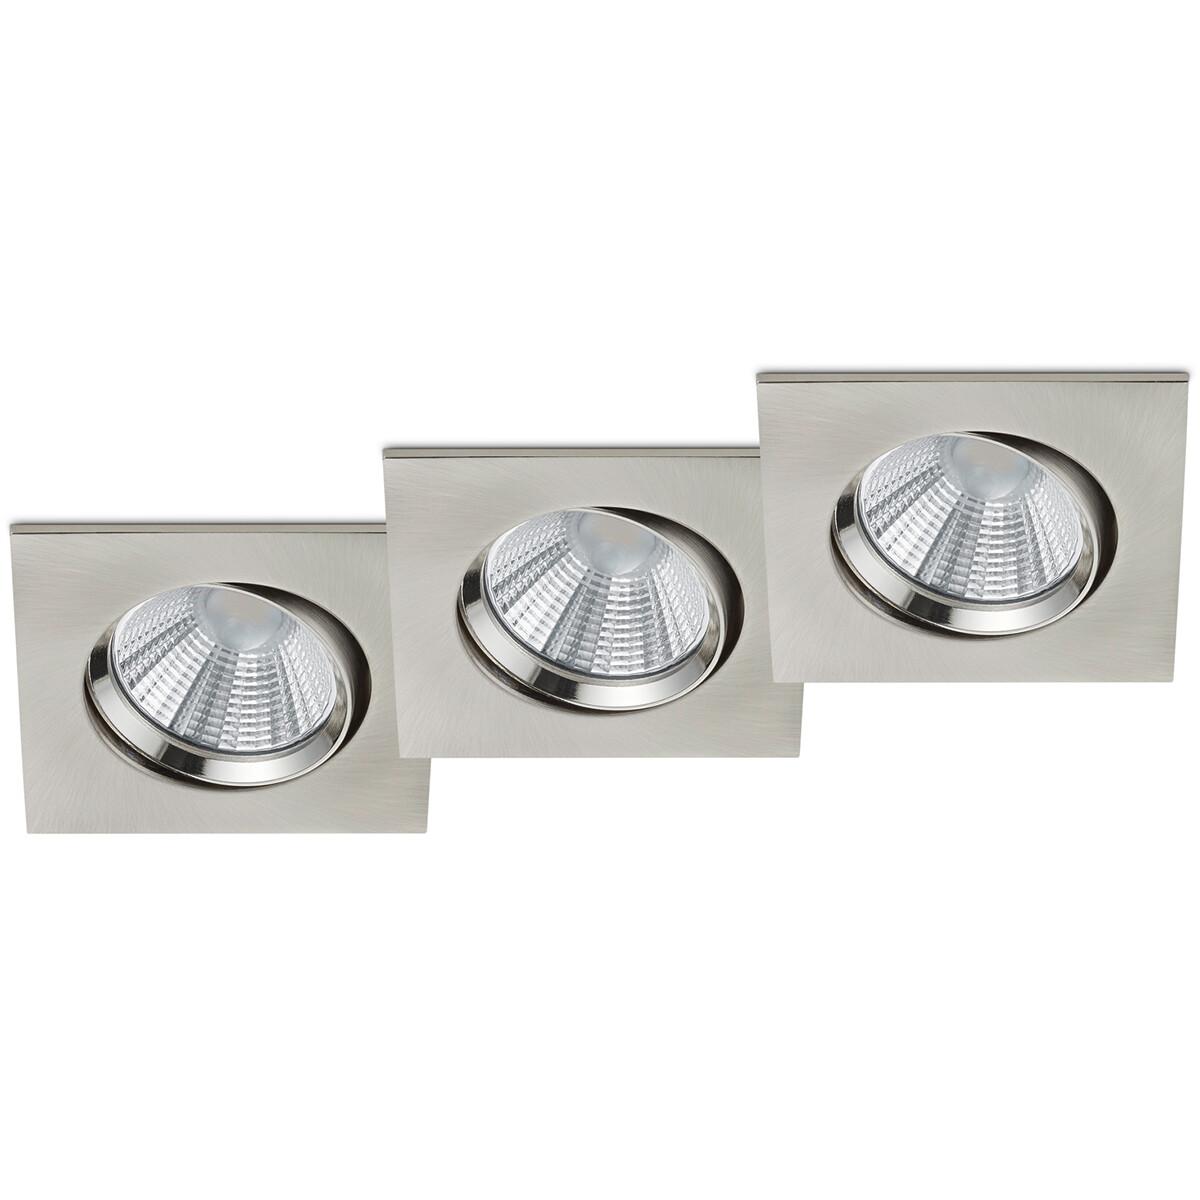 LED Spot 3 Pack - Inbouwspot - Trion Paniro - Vierkant 5W - Dimbaar - Warm Wit 3000K - Mat Nikkel - Aluminium - 80mm